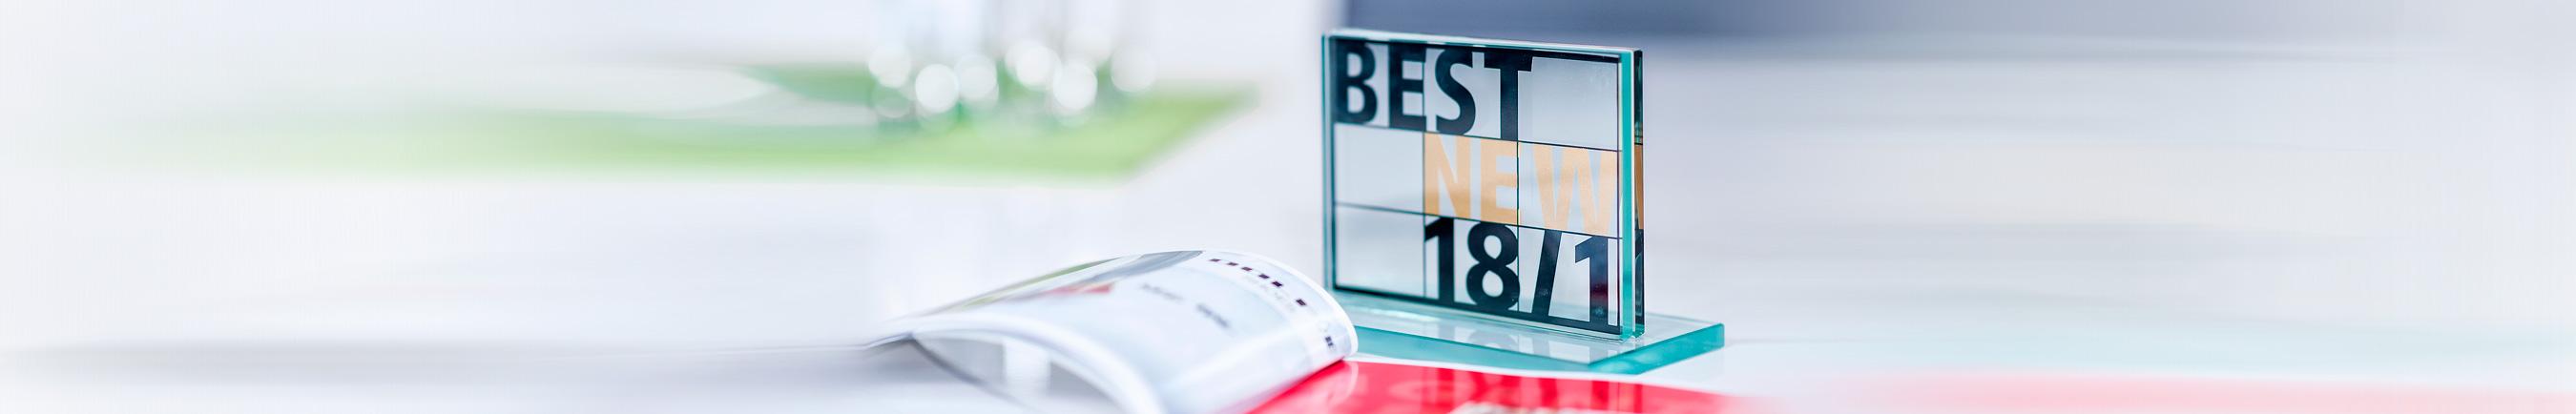 Header award Werbeagentur Steinbüchel & Partner